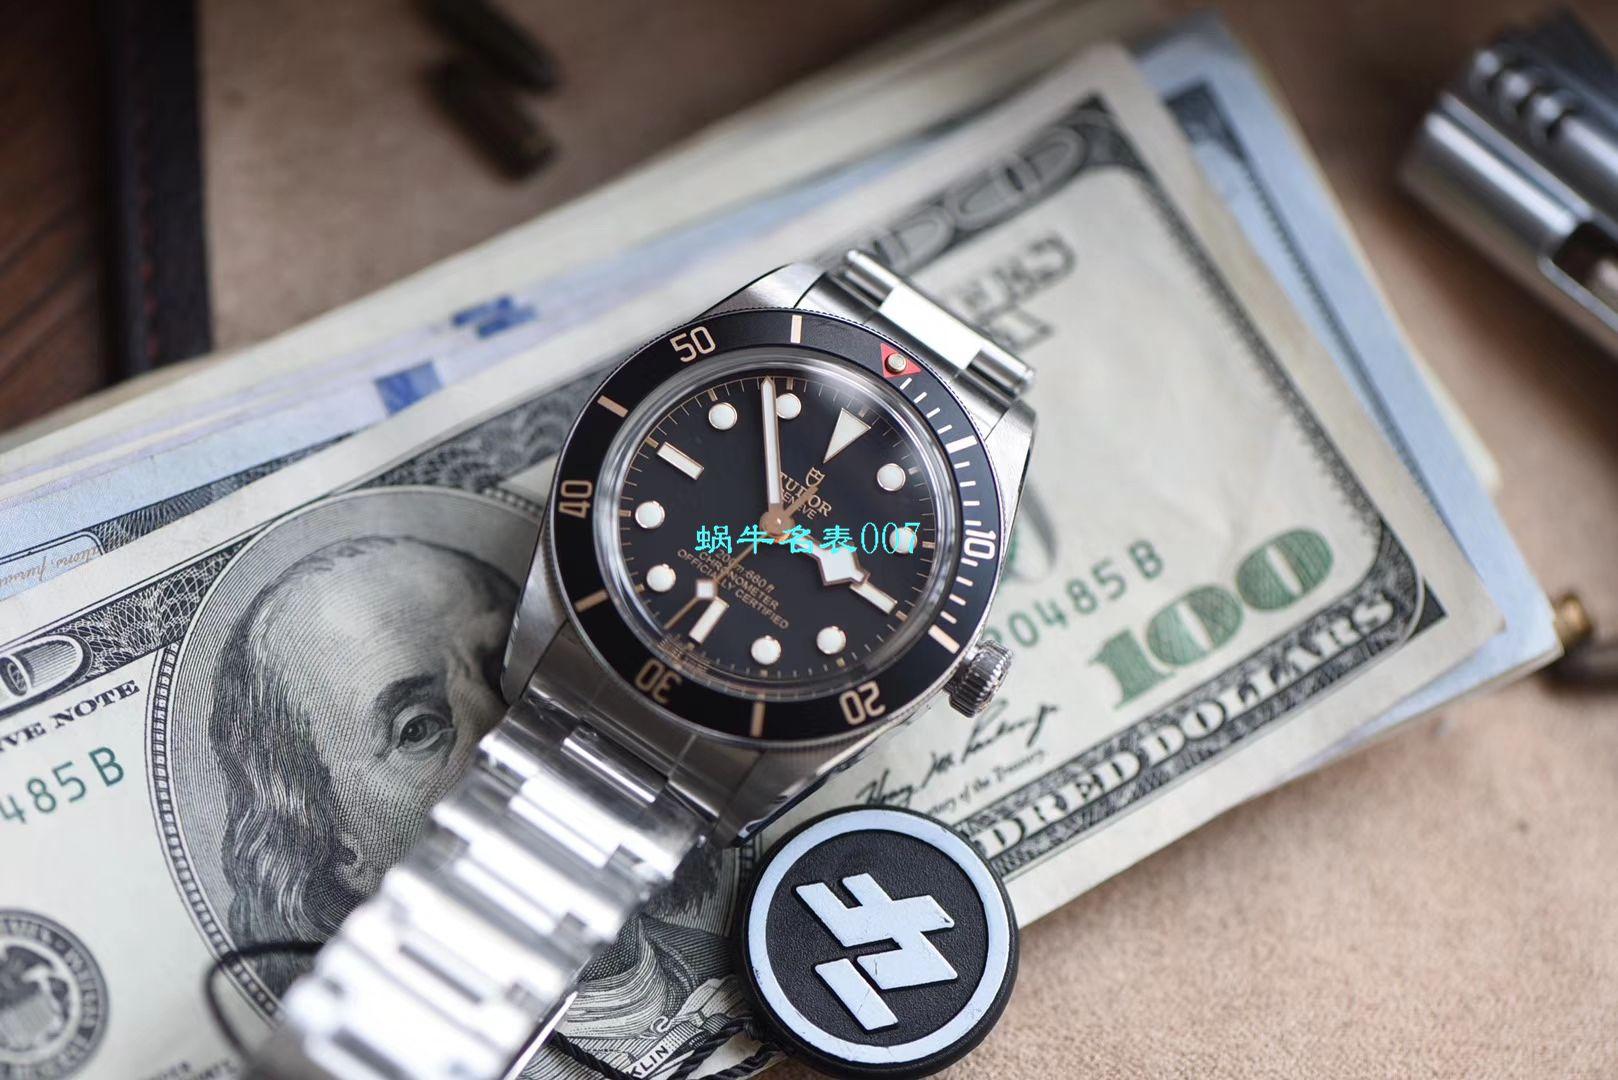 ZF厂顶级复刻手表Tudor帝舵碧湾系列M79030N-0001腕表 / DT069